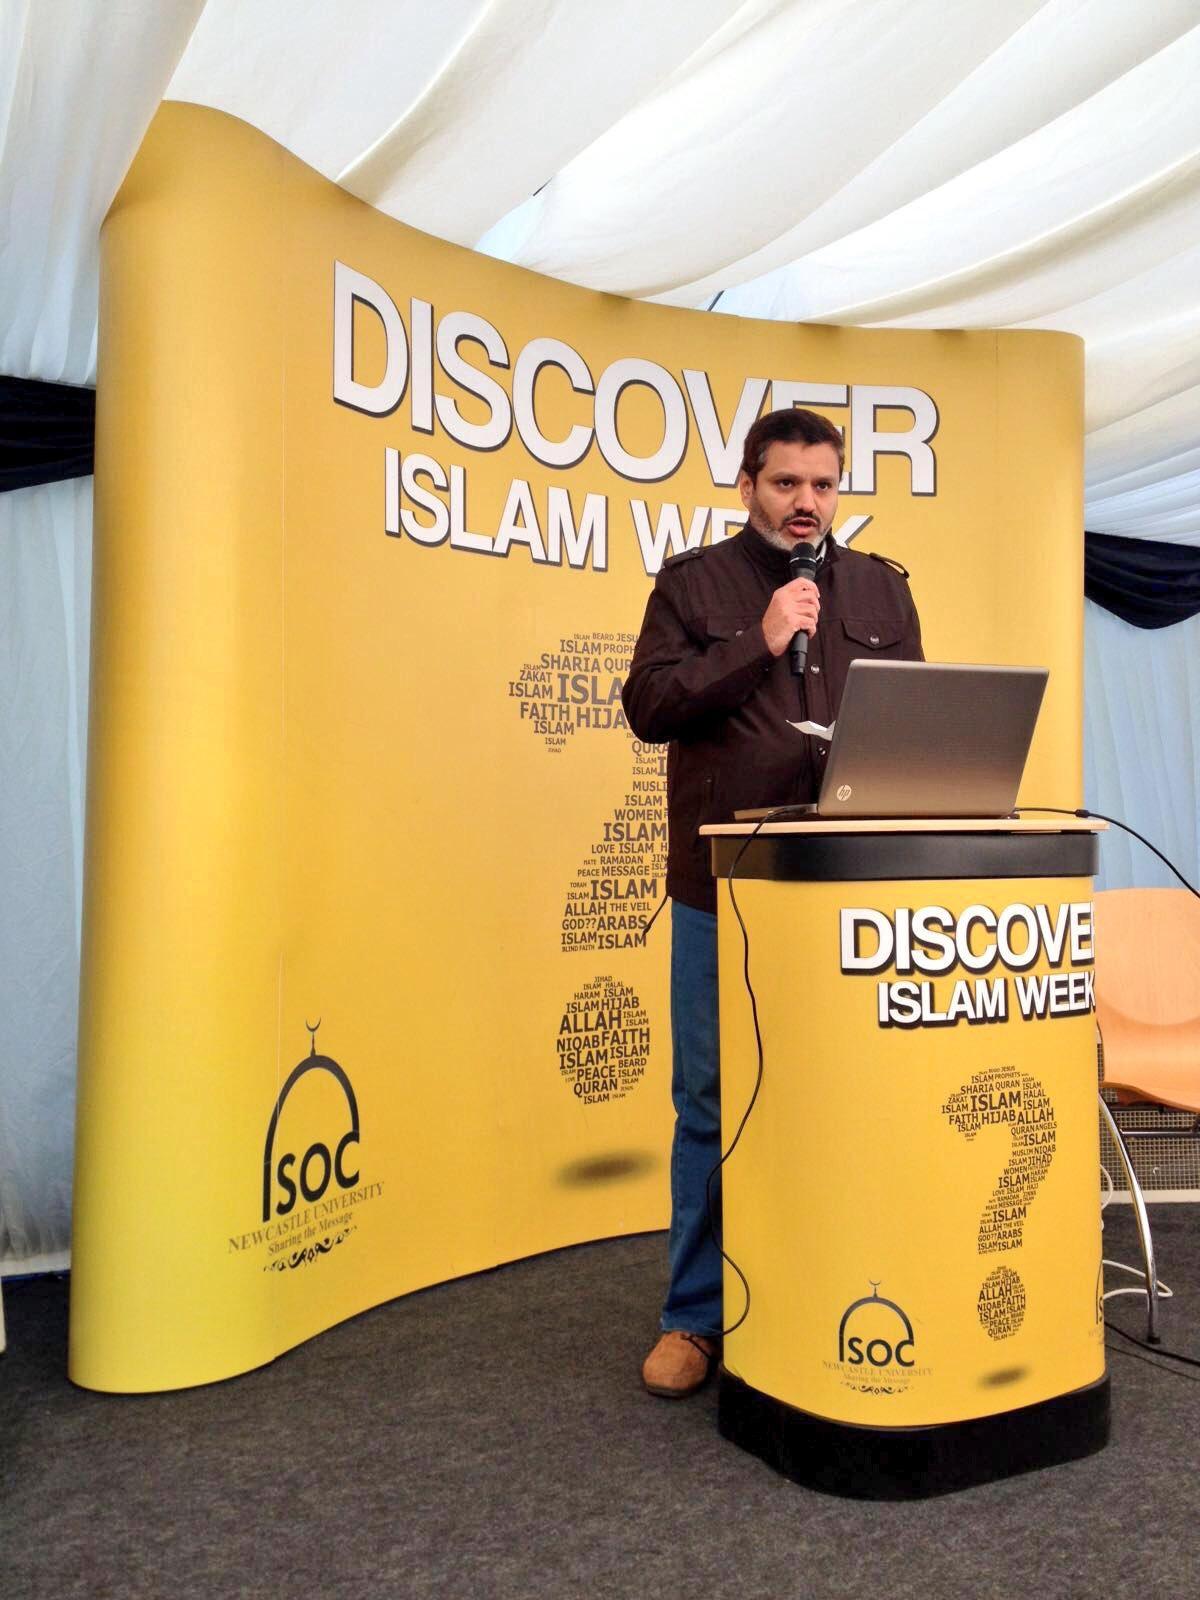 الجامعة الاسلامية بنيوكاسل تختم معرضها السنوي (4)